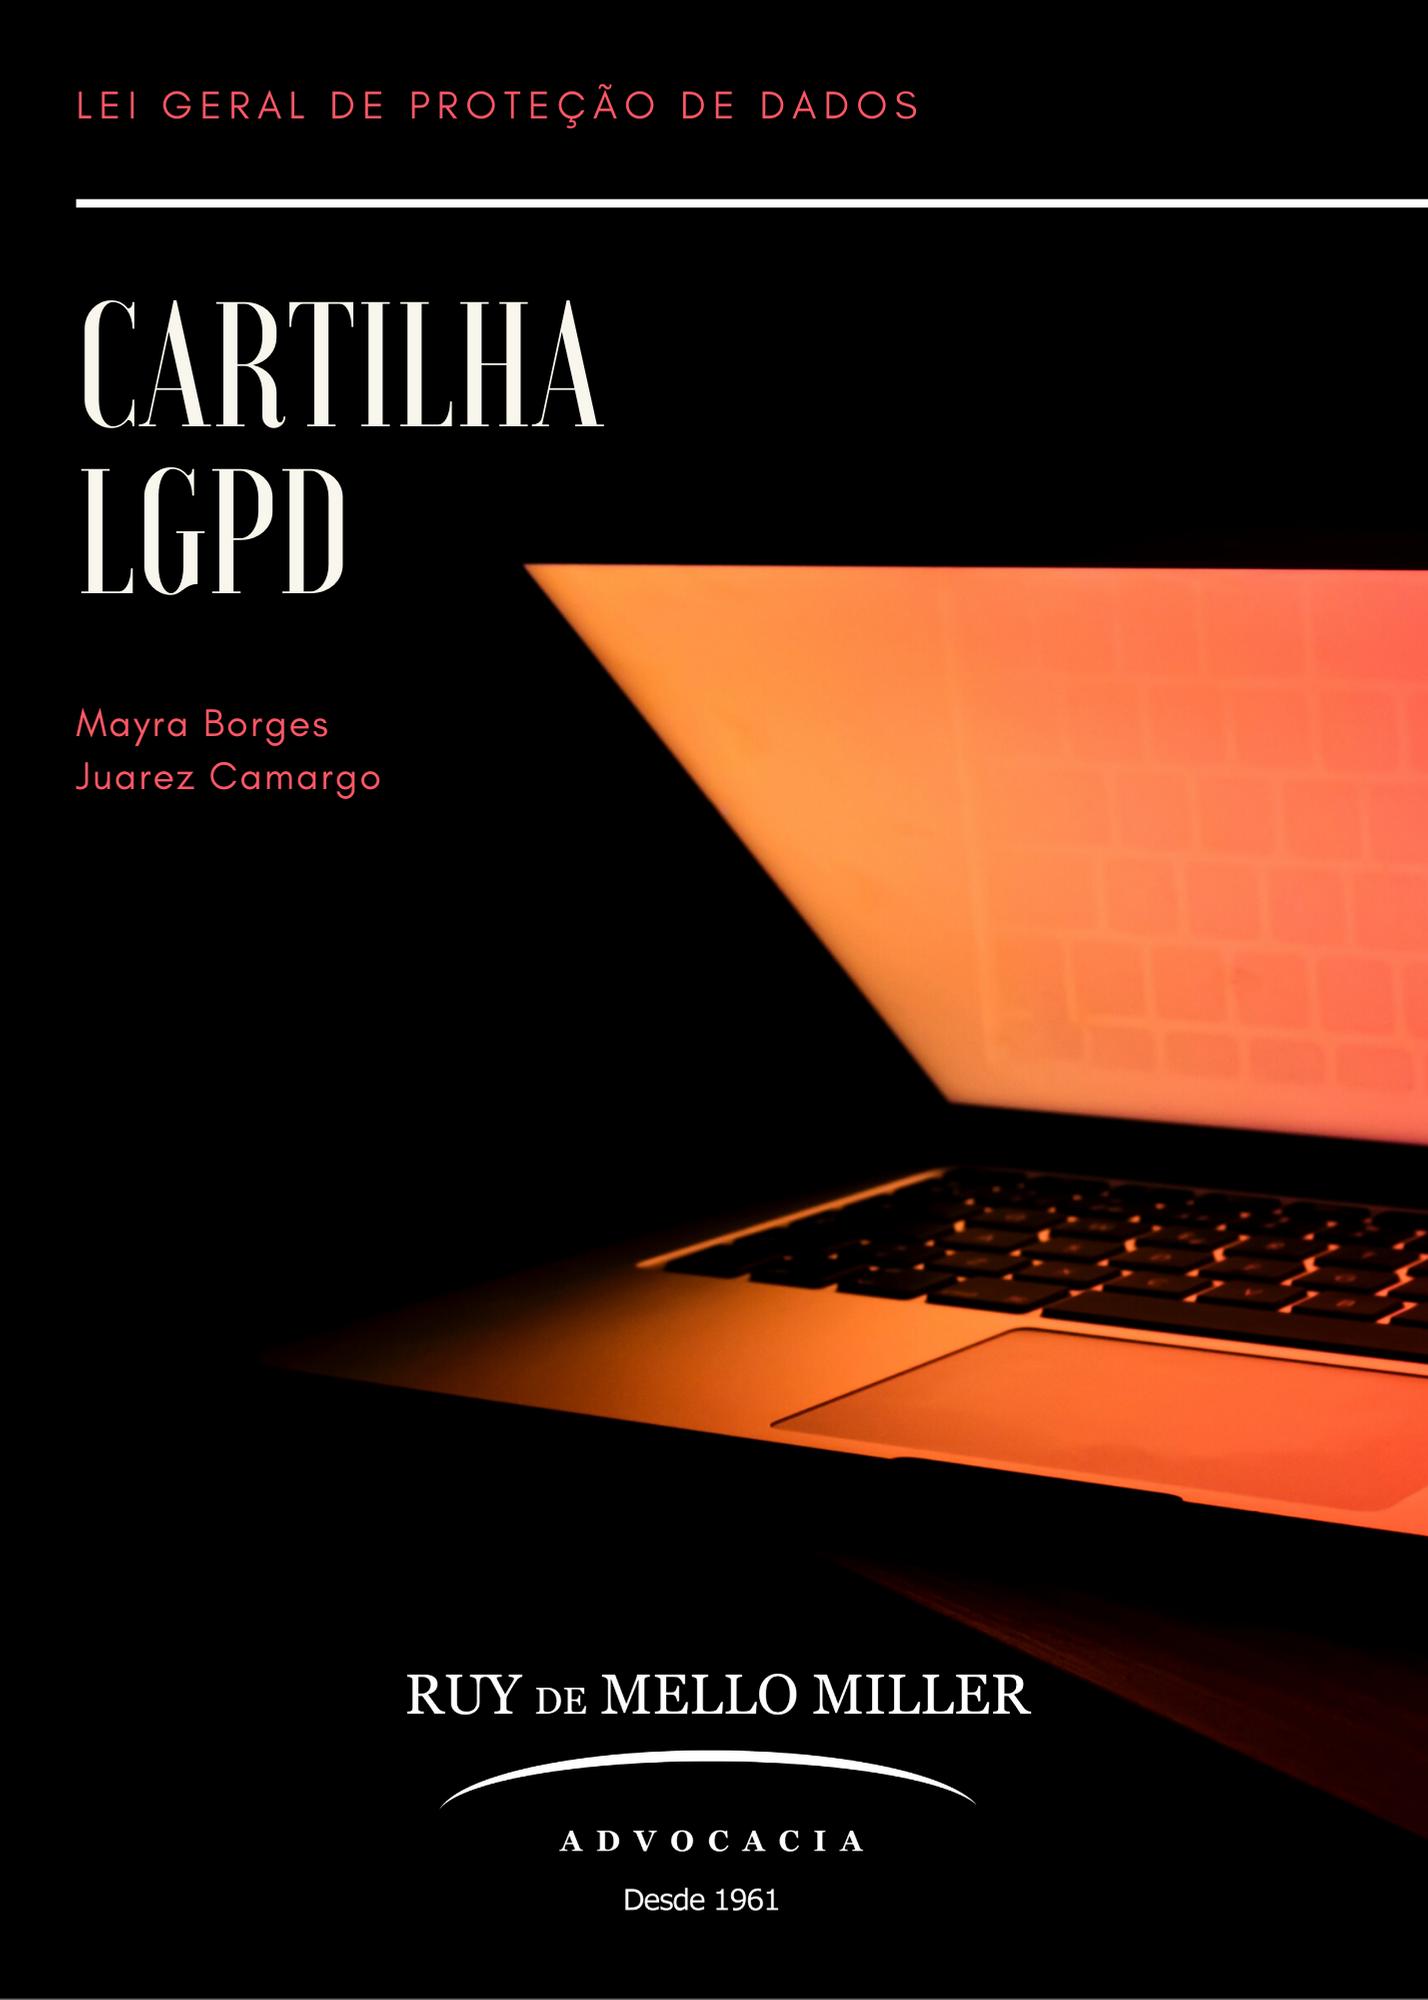 Cartilha LGPD